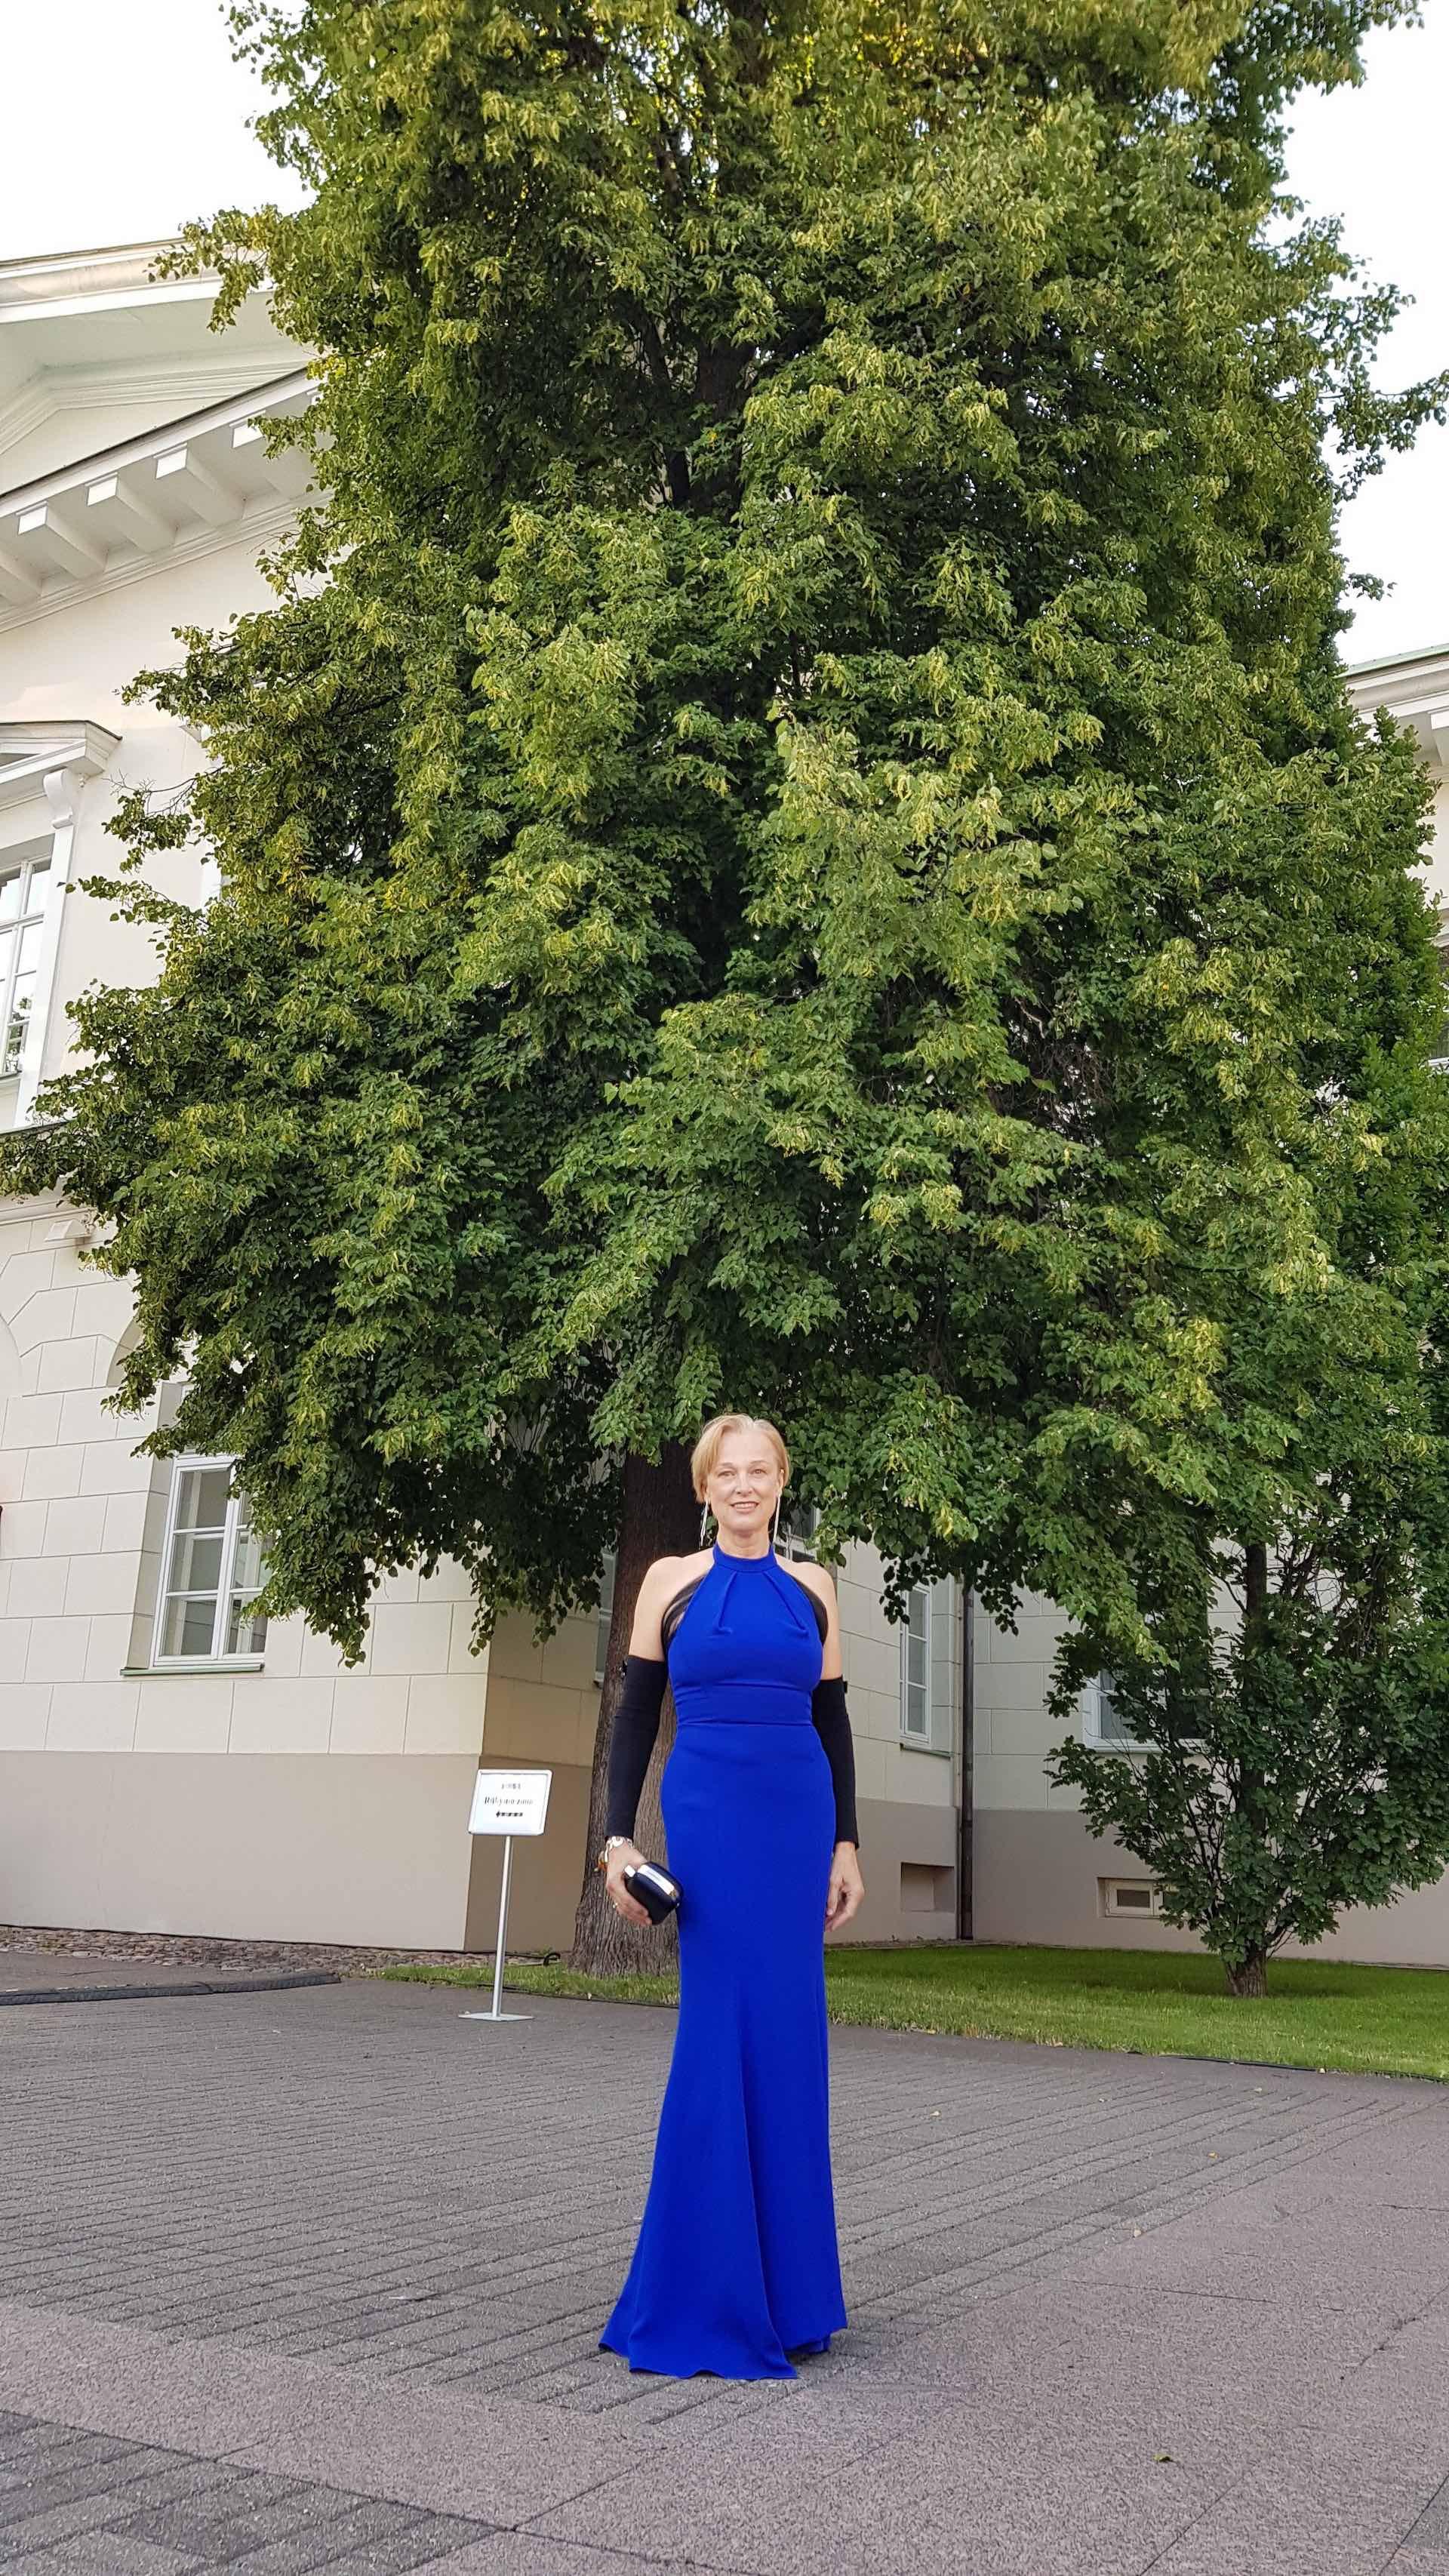 Atlikėjos ir dainų autorės G. Jautakaitės atostogos Lietuvoje šįsyk – ilgiausios per visas dešimtis metų gyvenimo užsienyje: atvykusi gegužės pabaigoje, išvyks ji tik rugsėjui įpusėjus. Asmeninio archyvo nuotr.